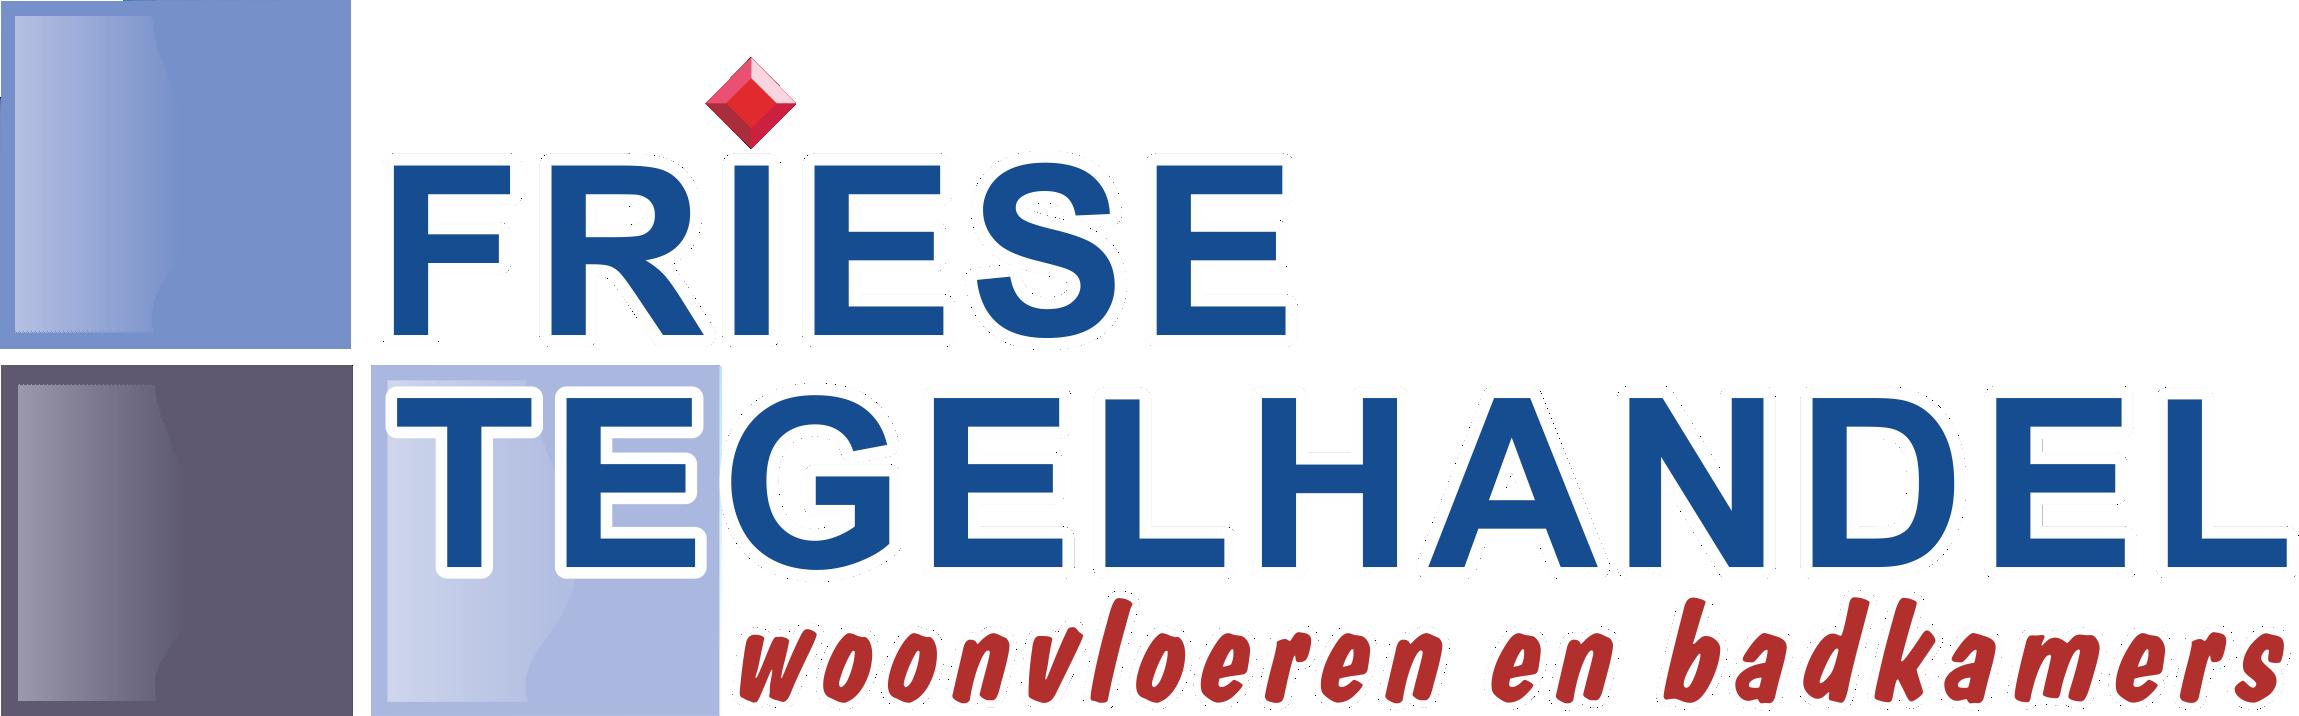 Friese Tegelhandel